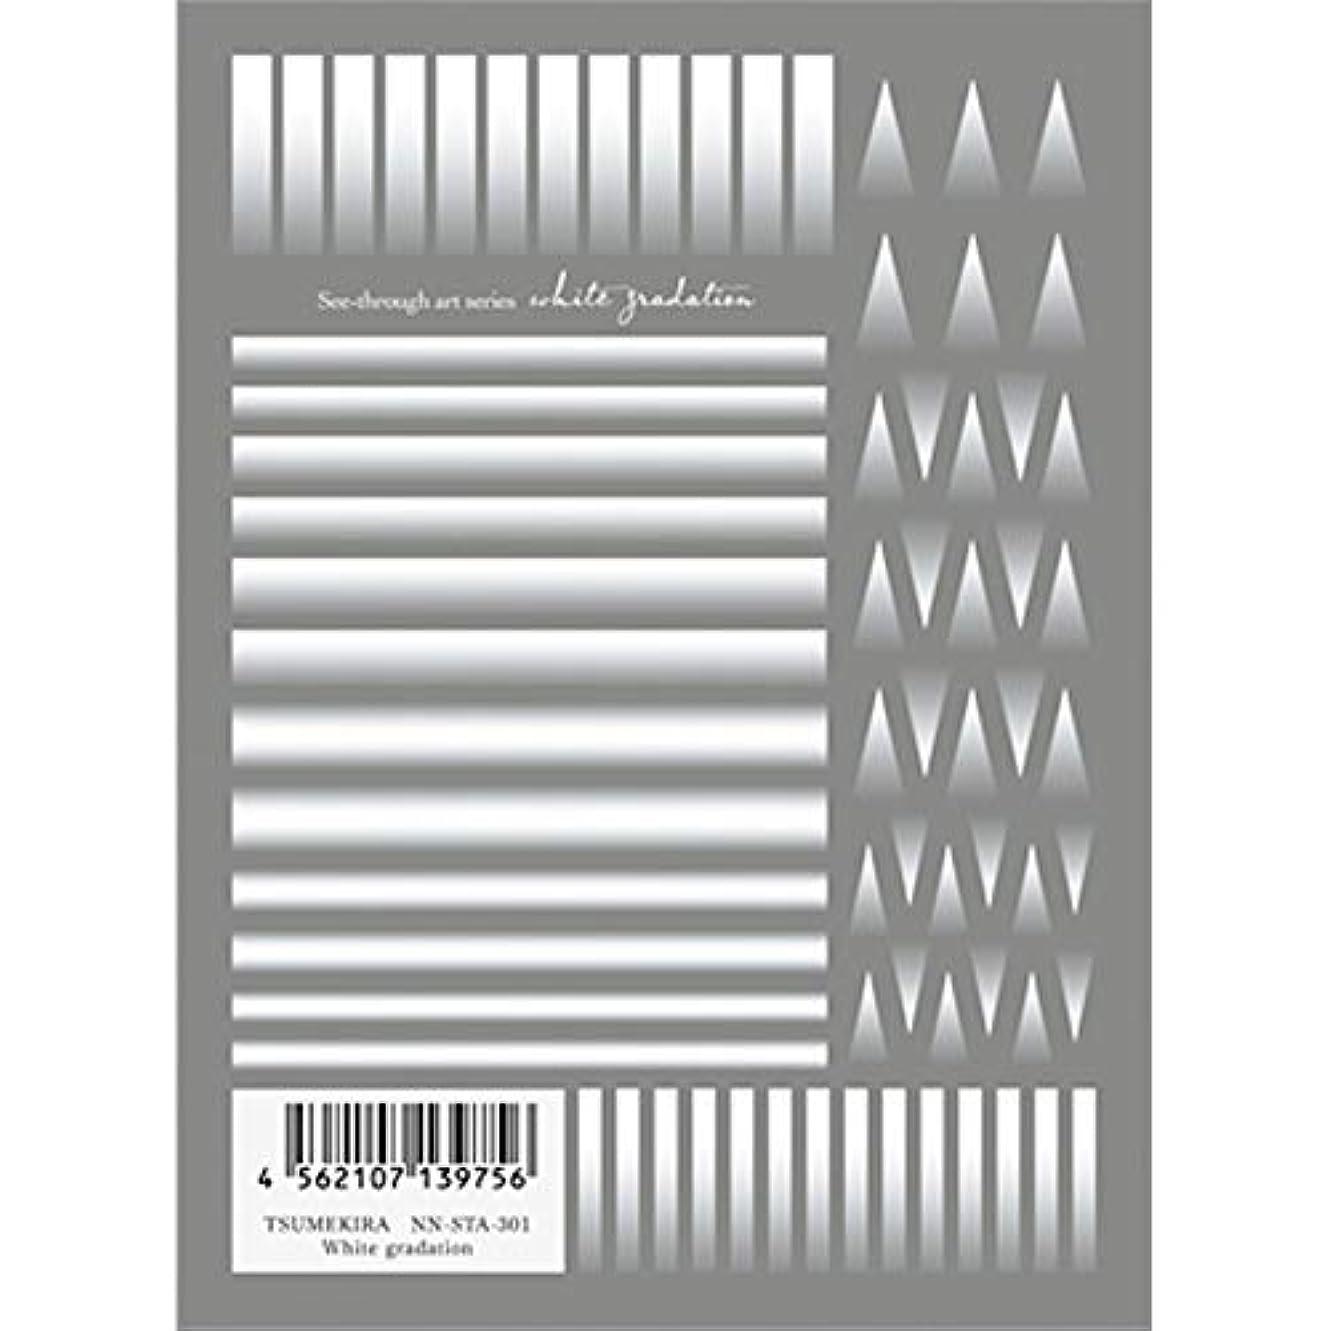 ガイド洋服常習者ツメキラ(TSUMEKIRA) ネイル用シール White gradation NN-STA-301